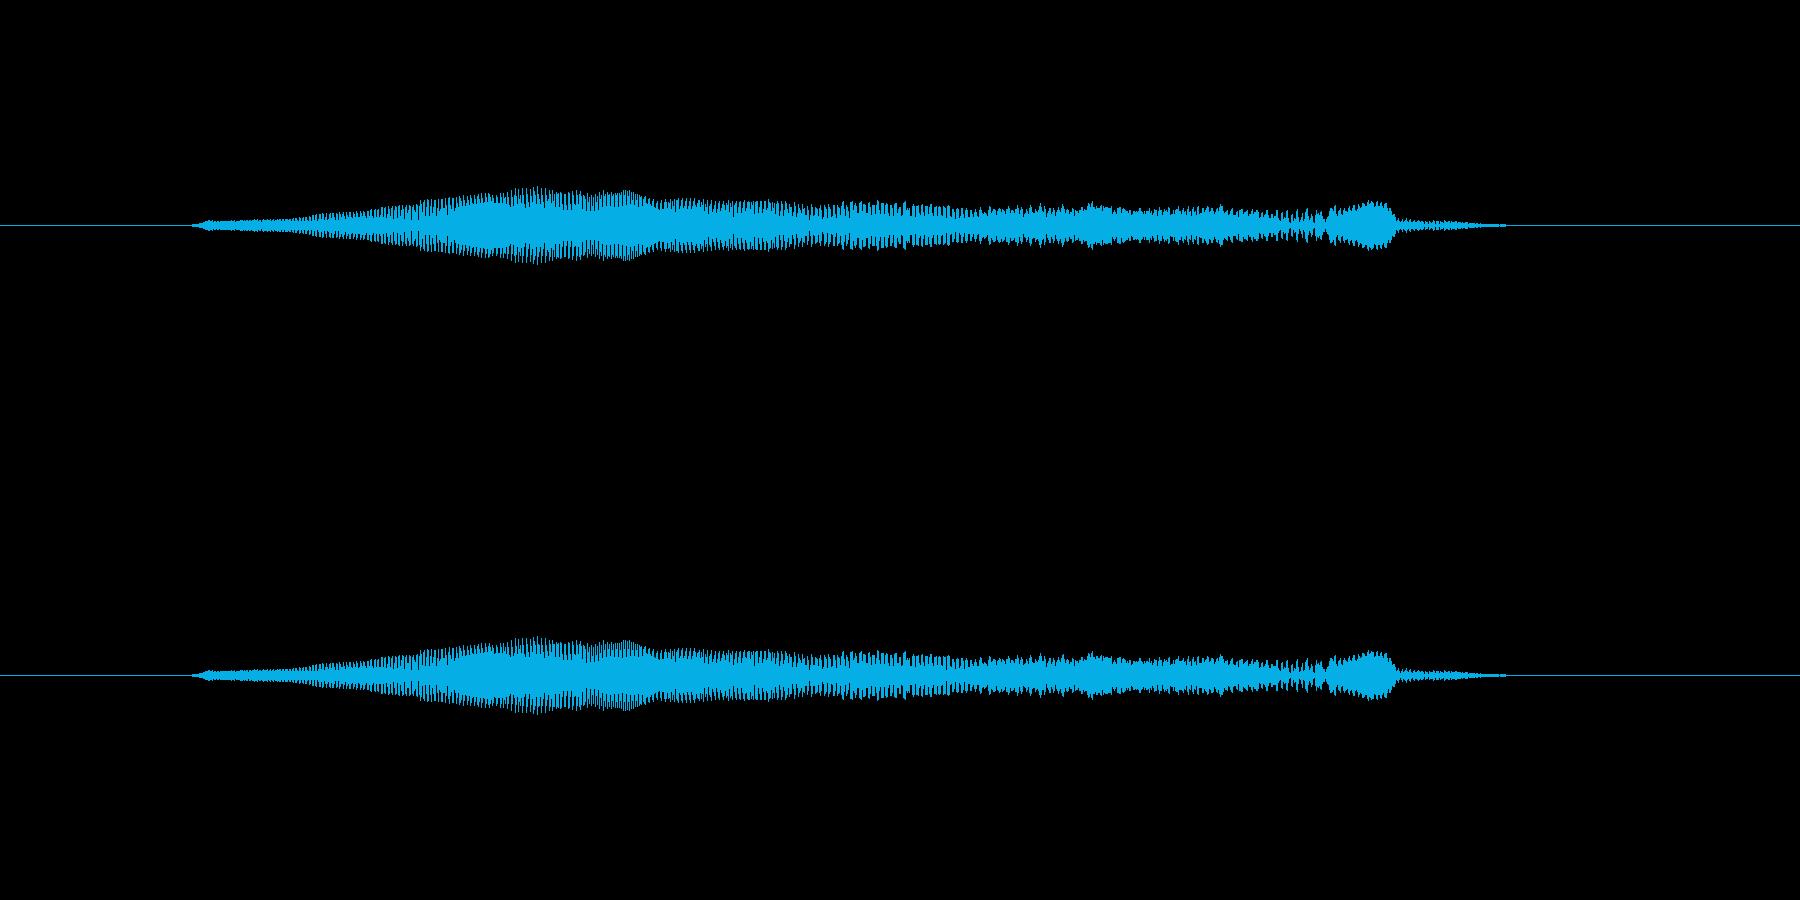 ニャー_猫声-14の再生済みの波形